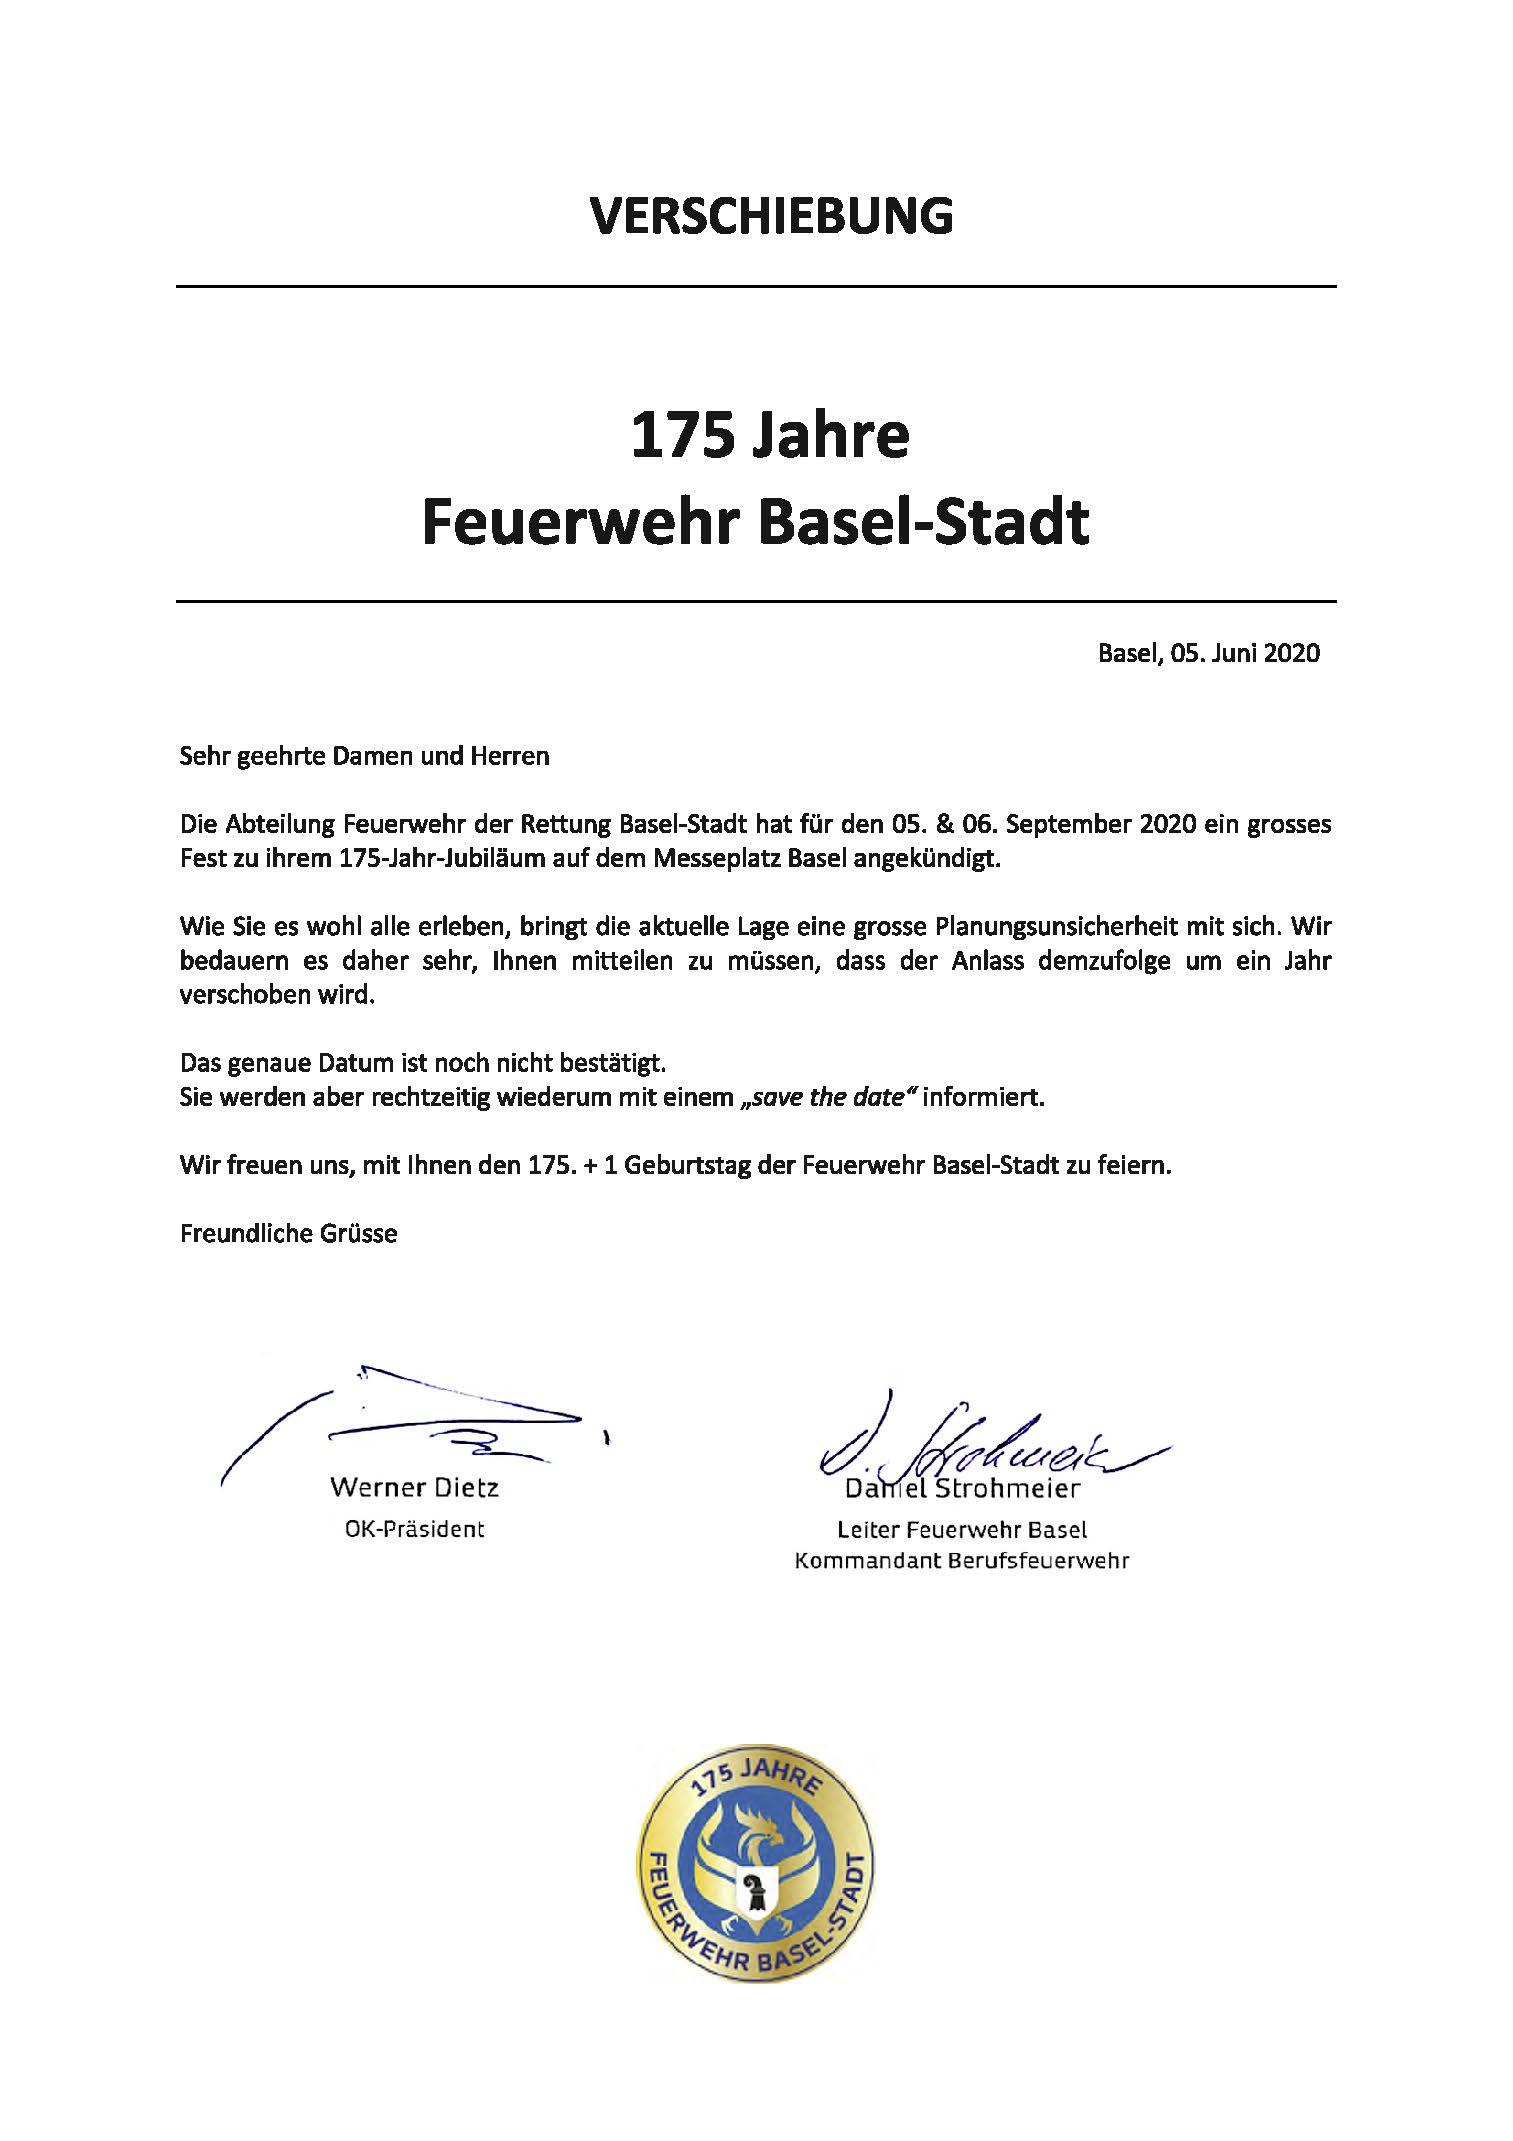 175 Jahre Feuerwehr Basel wird verschoben!